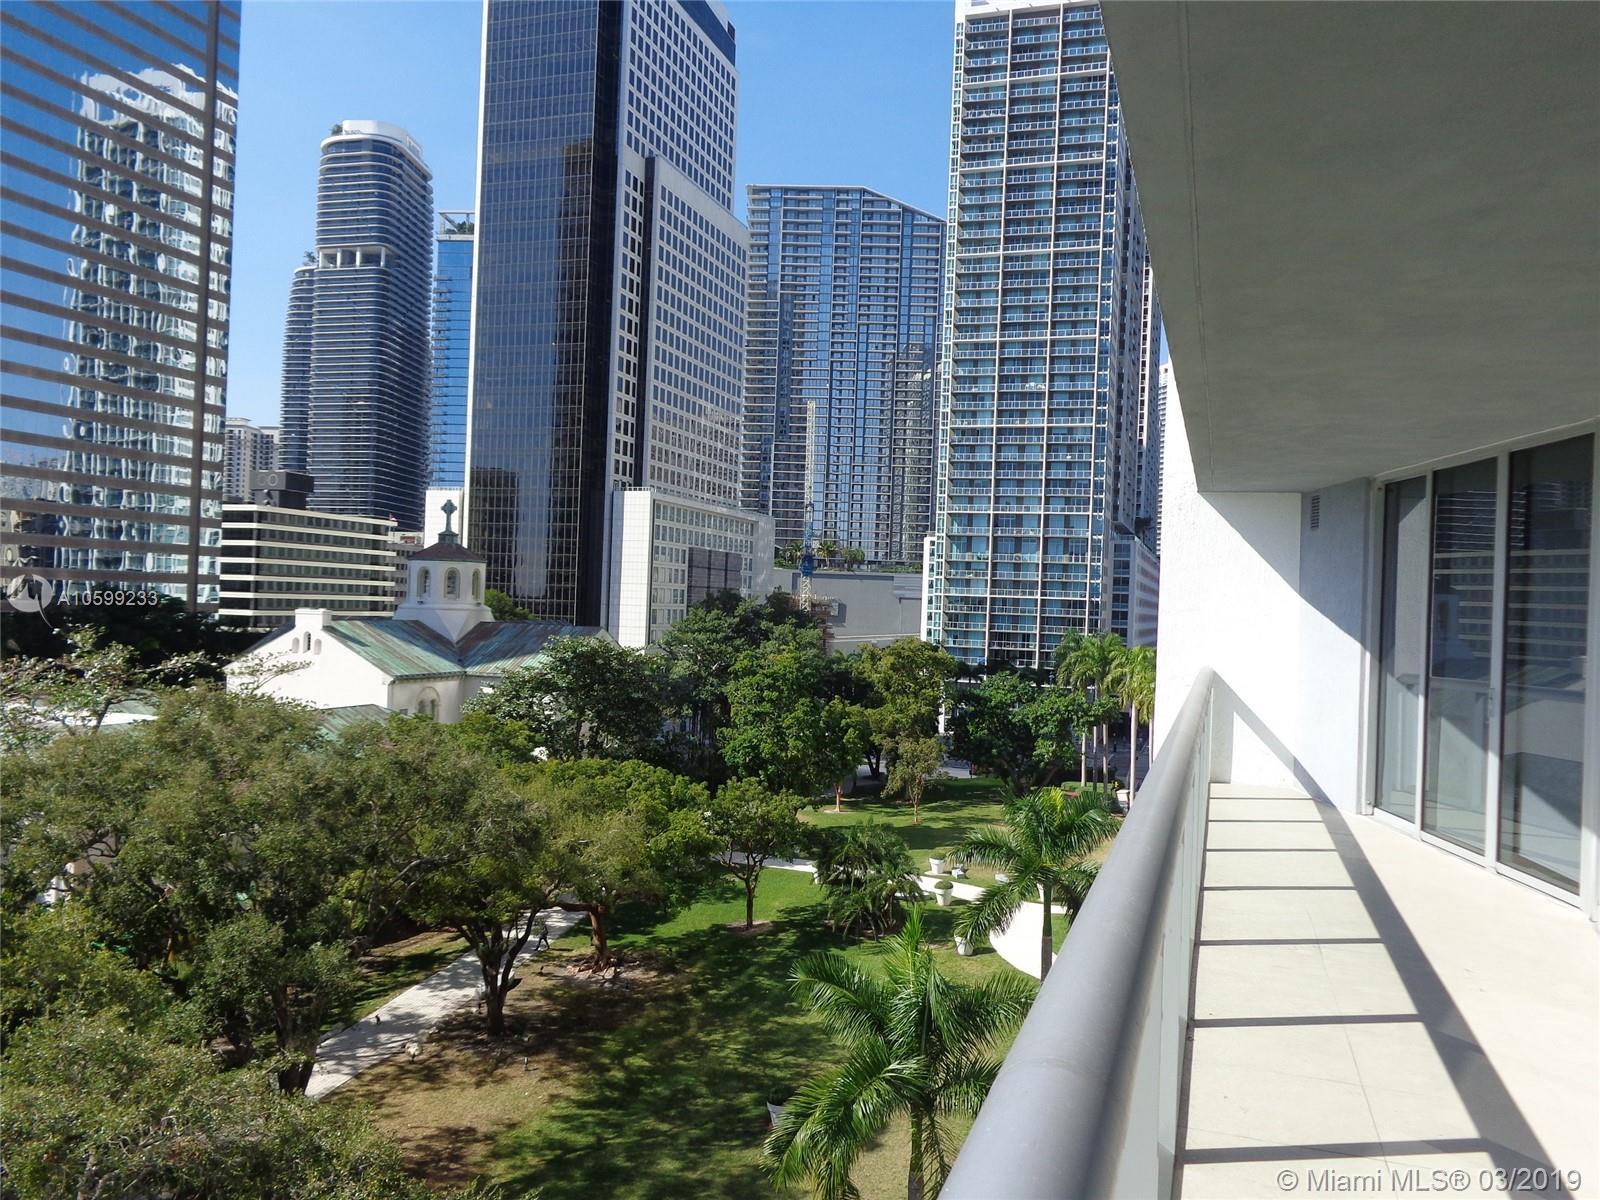 495 Brickell Ave, Miami, FL 33131, Icon Brickell II #703, Brickell, Miami A10599233 image #3